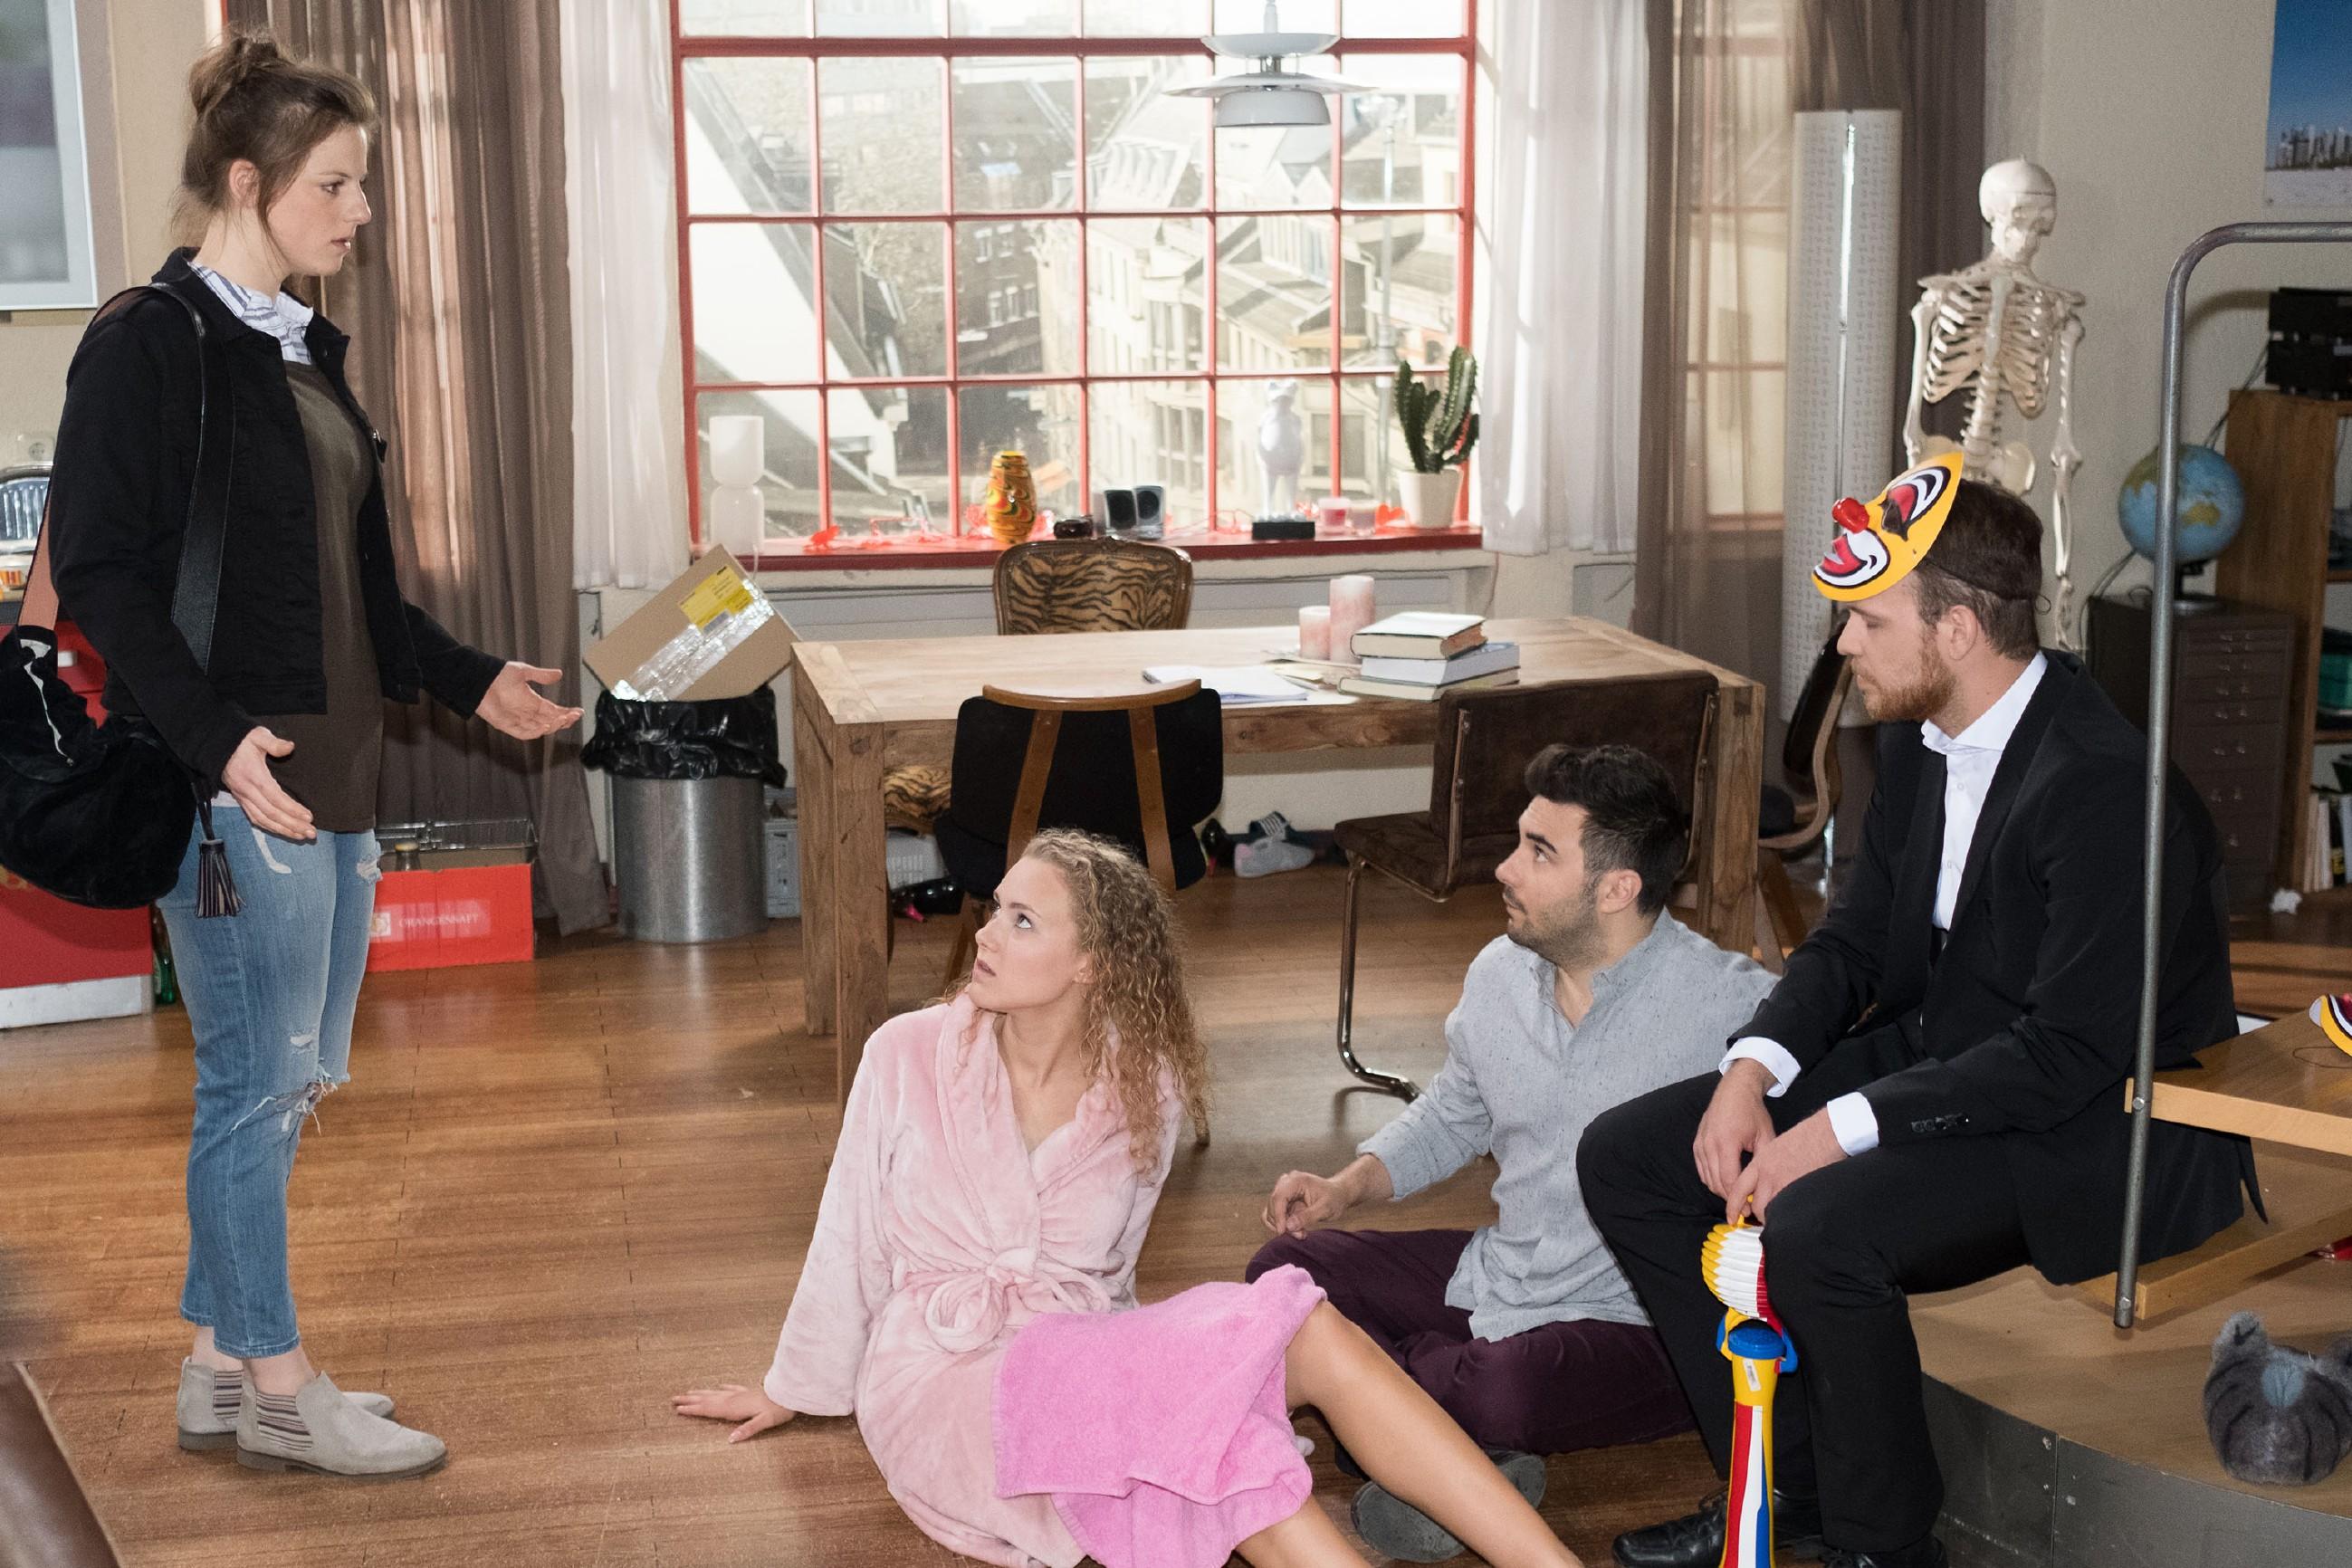 Nach dem Clownsüberfall ist KayC (Pauline Angert, 2.v.l.) stinksauer auf Elli (Nora Koppen), die KayCs peinlichste Angst ausgeplaudert und sie damit vor Easy (Lars Steinhöfel, 2.v.r.) und Tobias (Patrick Müller) lächerlich gemacht hat. (Quelle: RTL / Stefan Behrens)